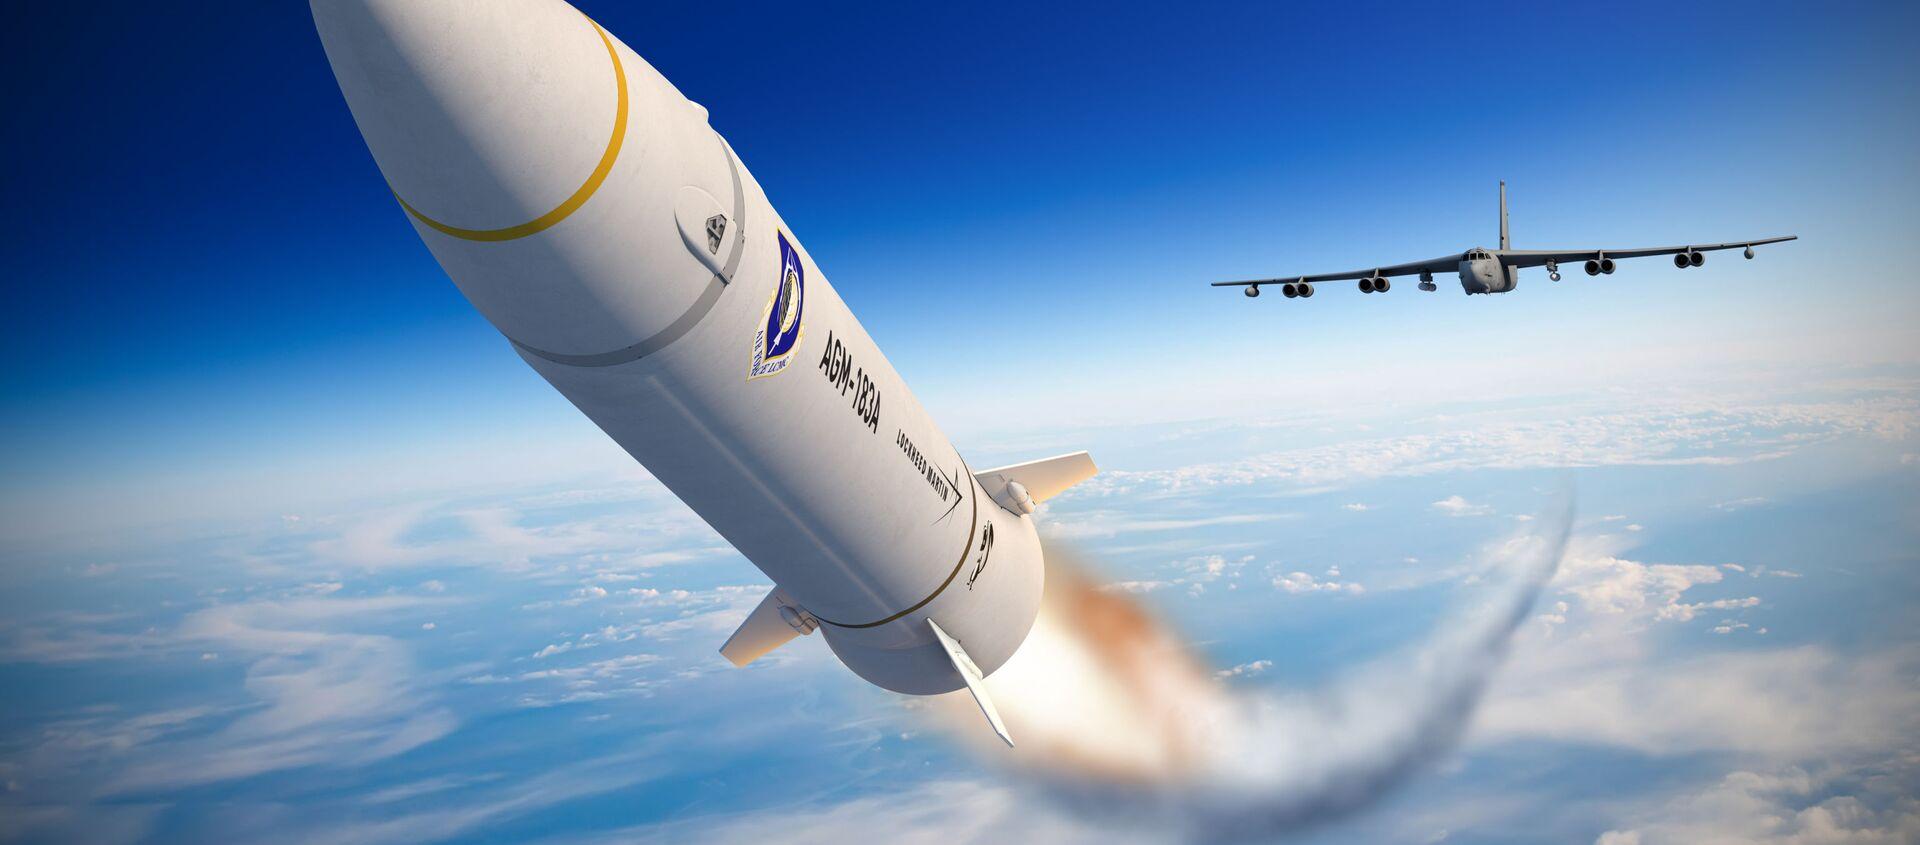 AGM-183A ARRW - tên lửa hành trình không đối đất siêu thanh - Sputnik Việt Nam, 1920, 06.04.2021